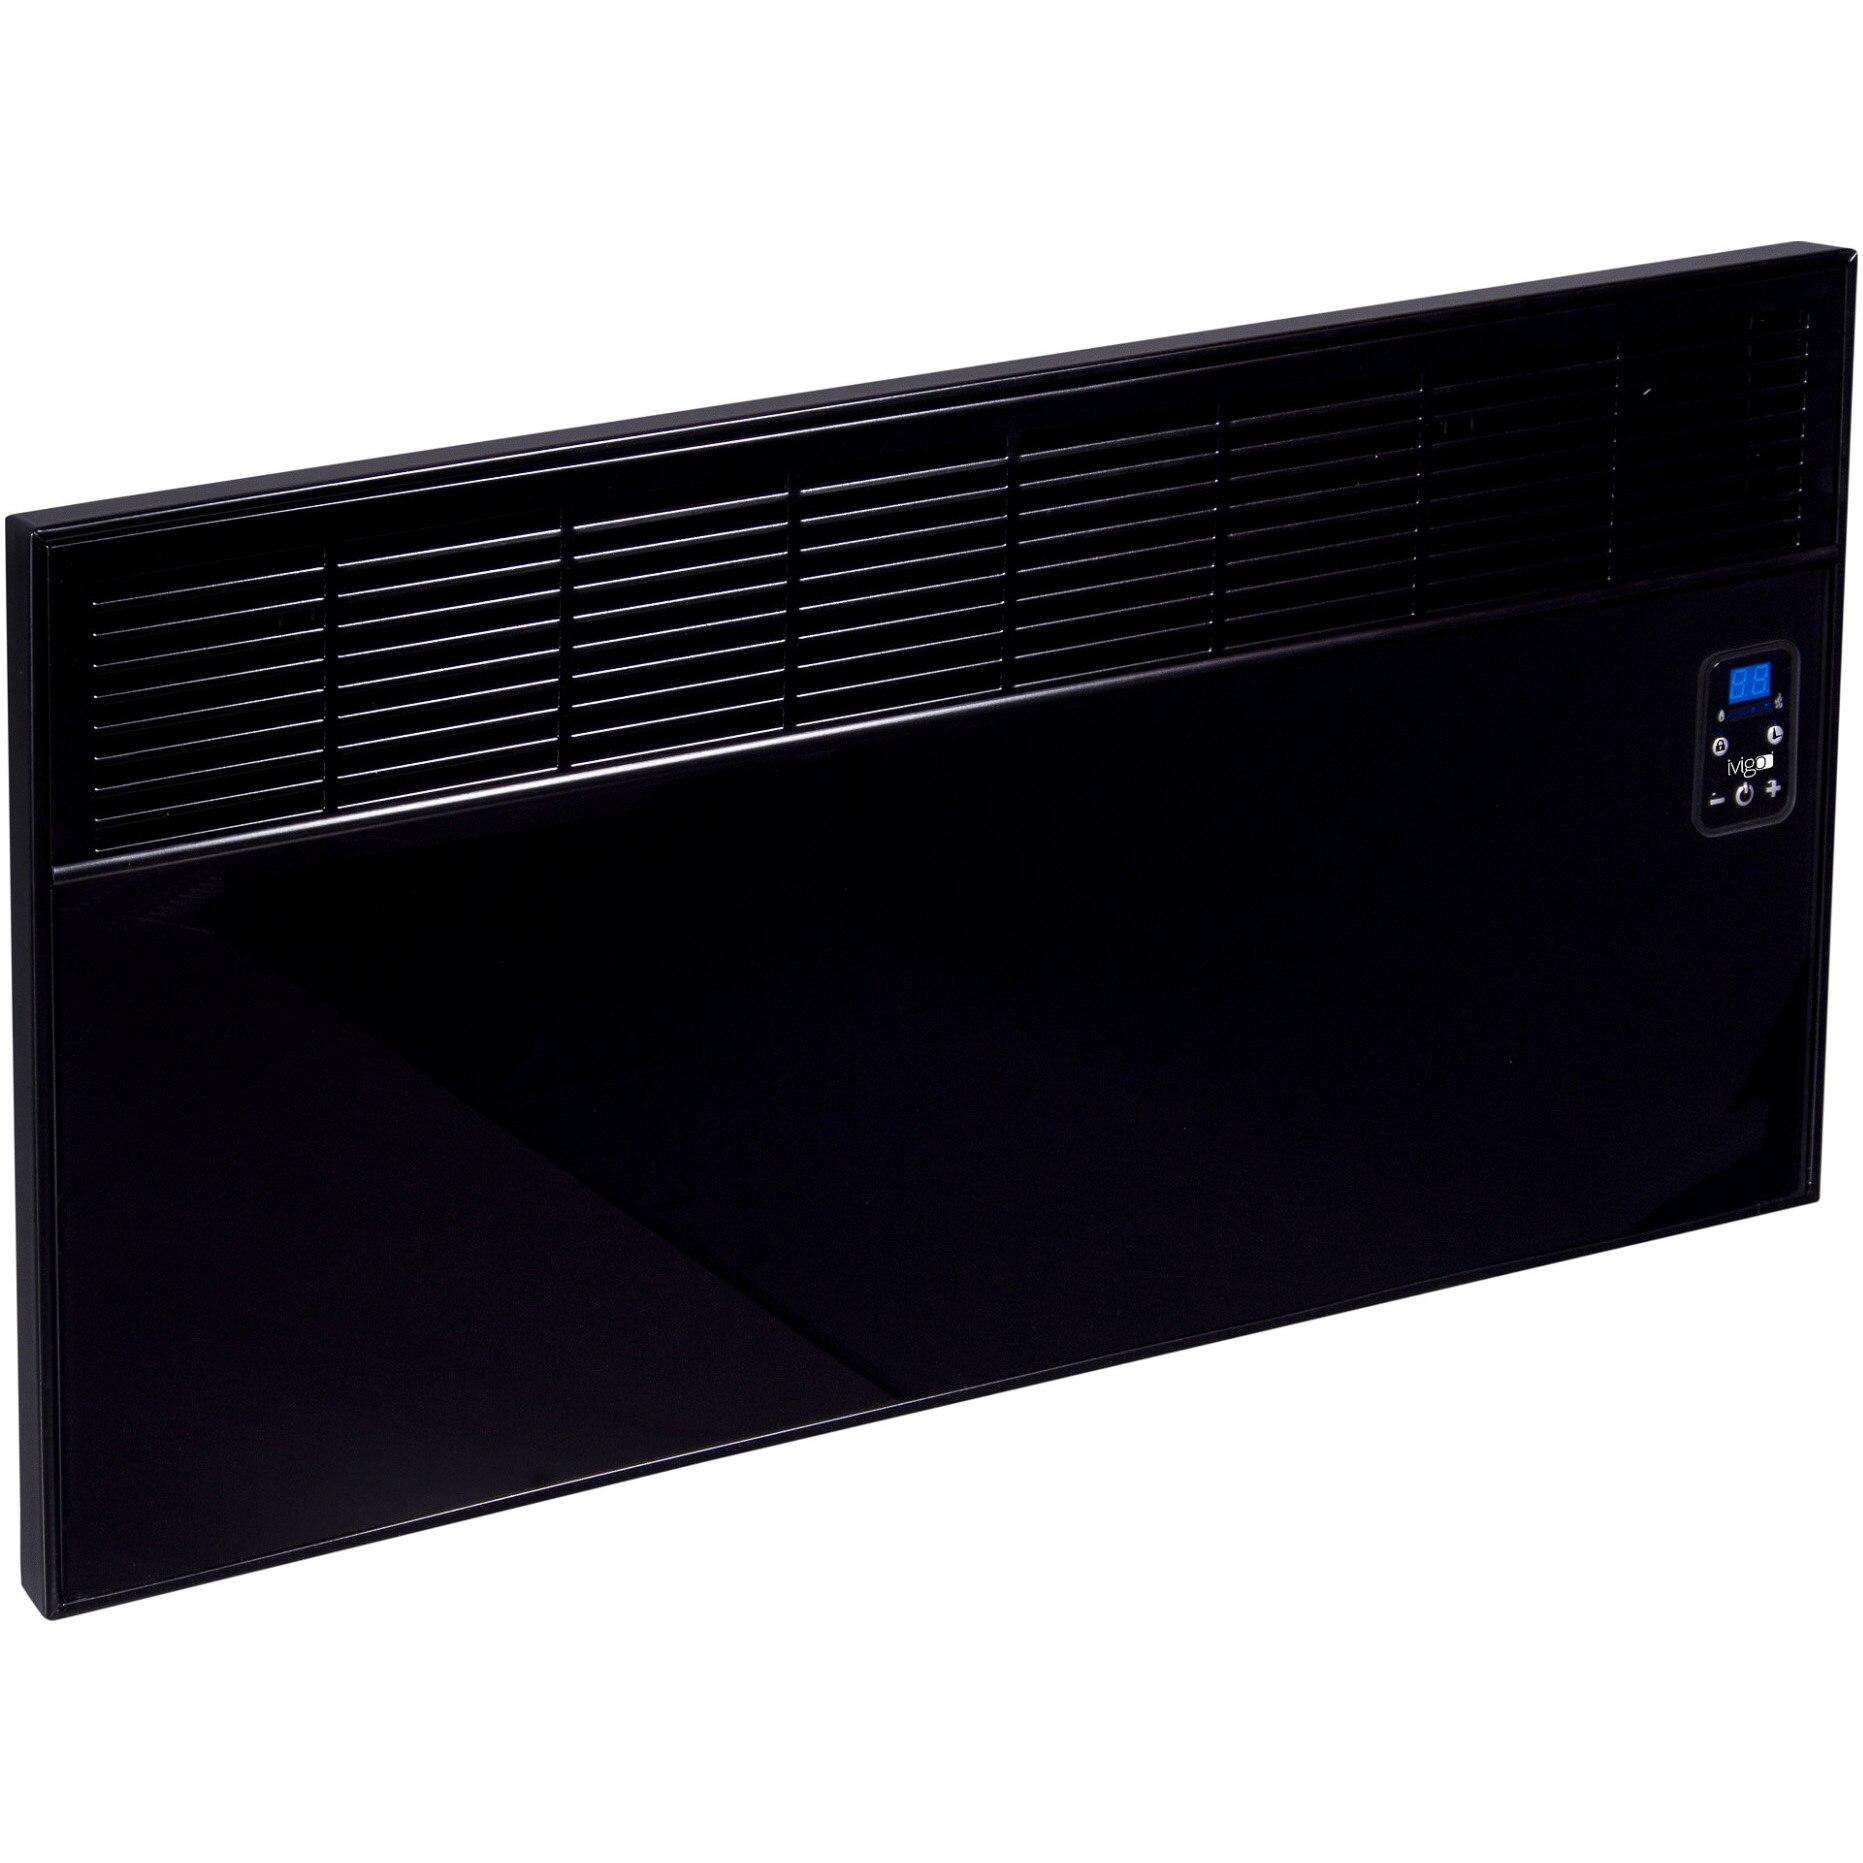 Fotografie Convector de perete sau pardoseala iVigo EPK 2500 W Black Glass, control electronic, Termostat de siguranta, termostat reglabil, IP 24, pentru 28 mp, ERP 2018